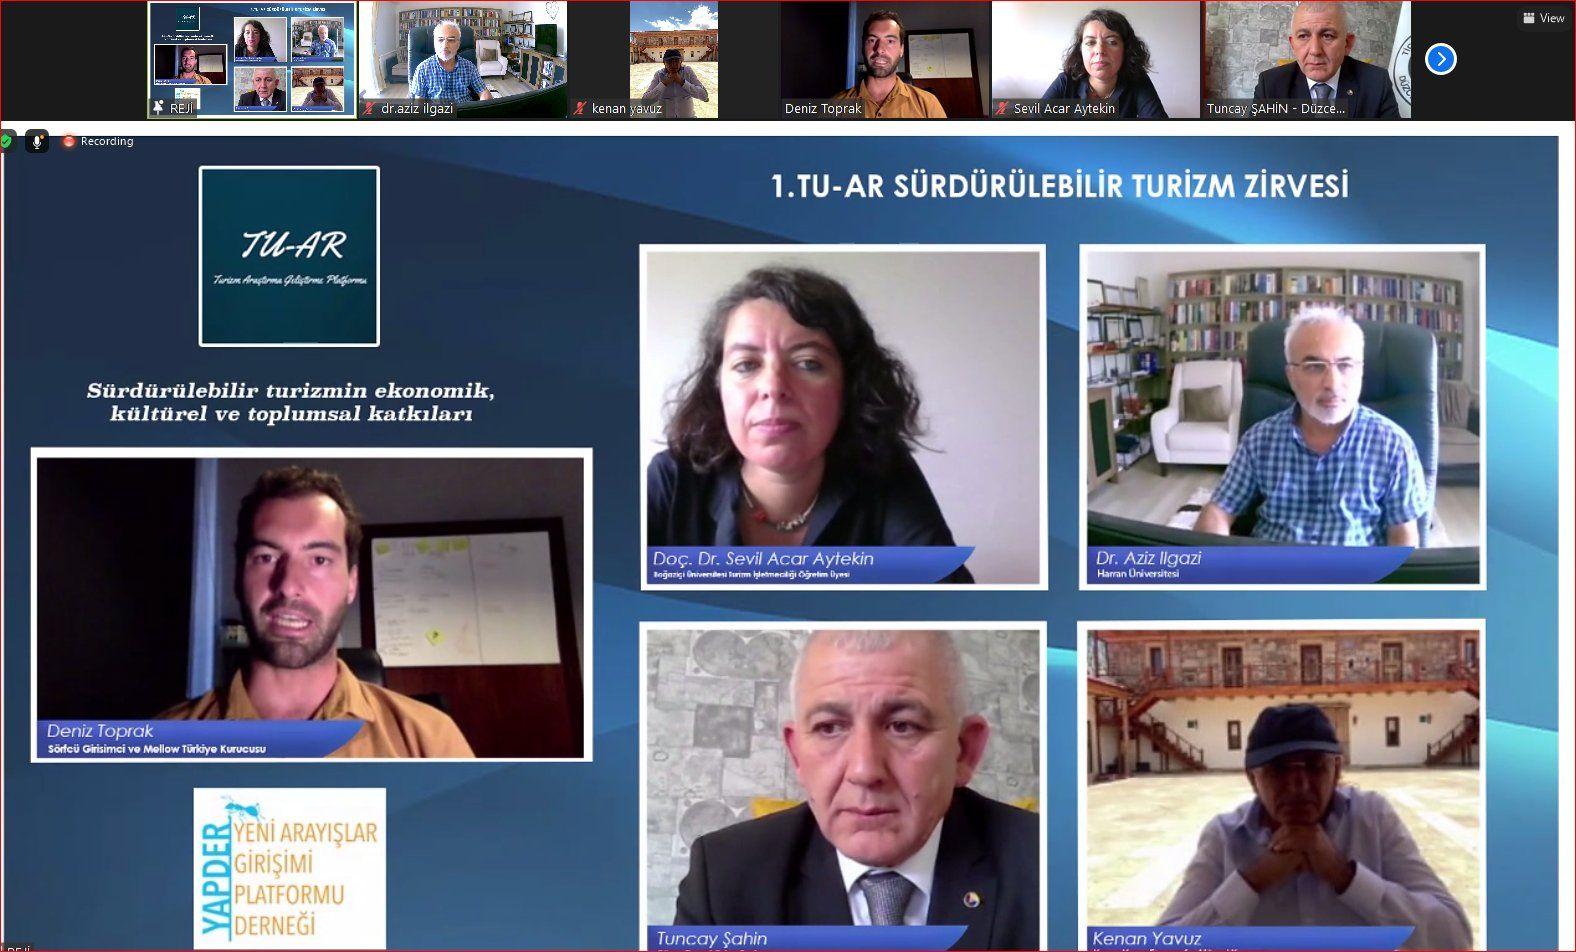 Tuncay Şahin 1. Tu-Ar Sürdürebilir Turizm Zirvesi'ne Konuk Oldu